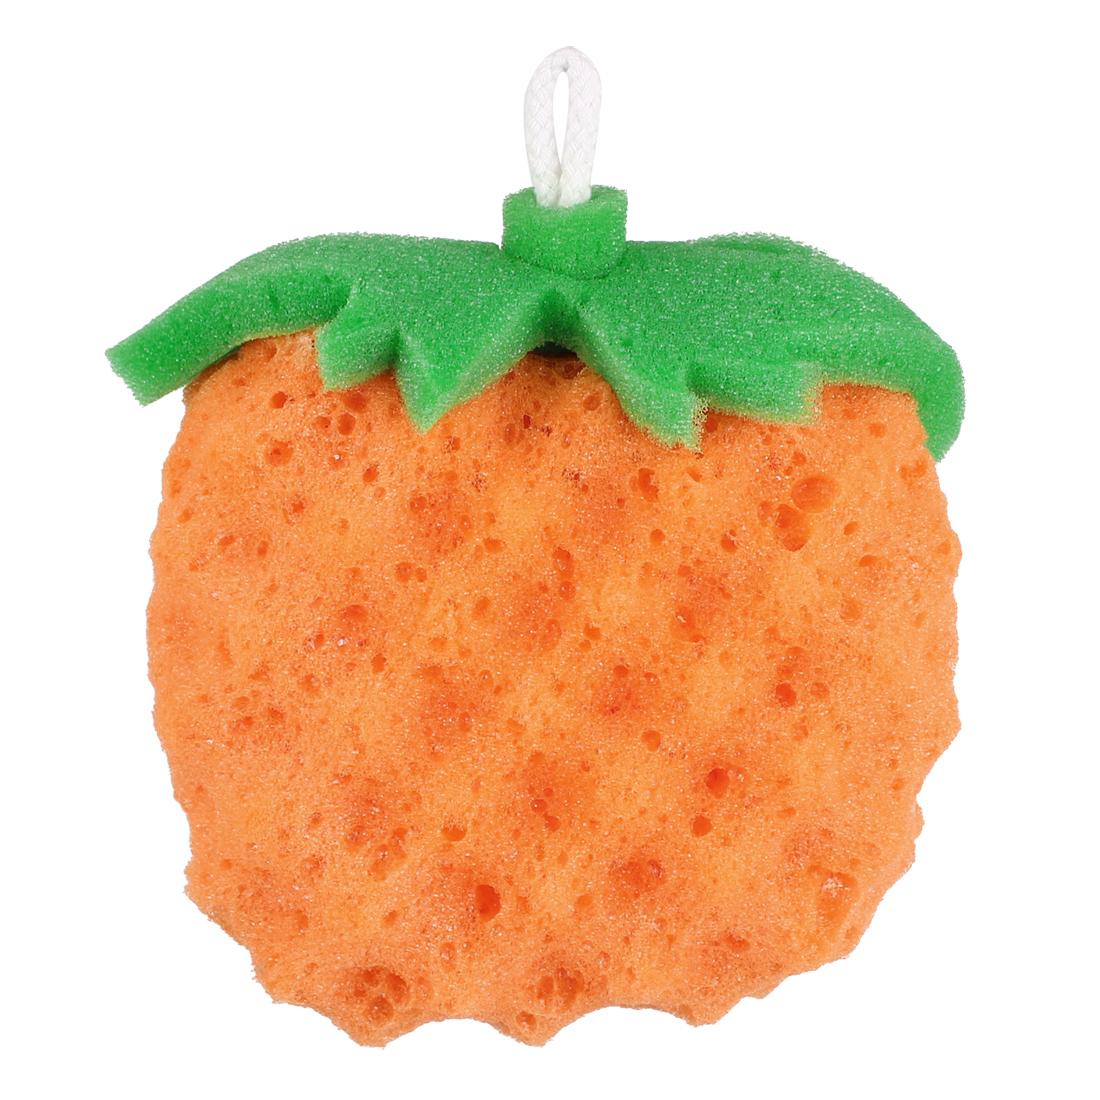 Orange Fruit Shape Bath Sponge Body Exfoliate Shower Loop Scrubber